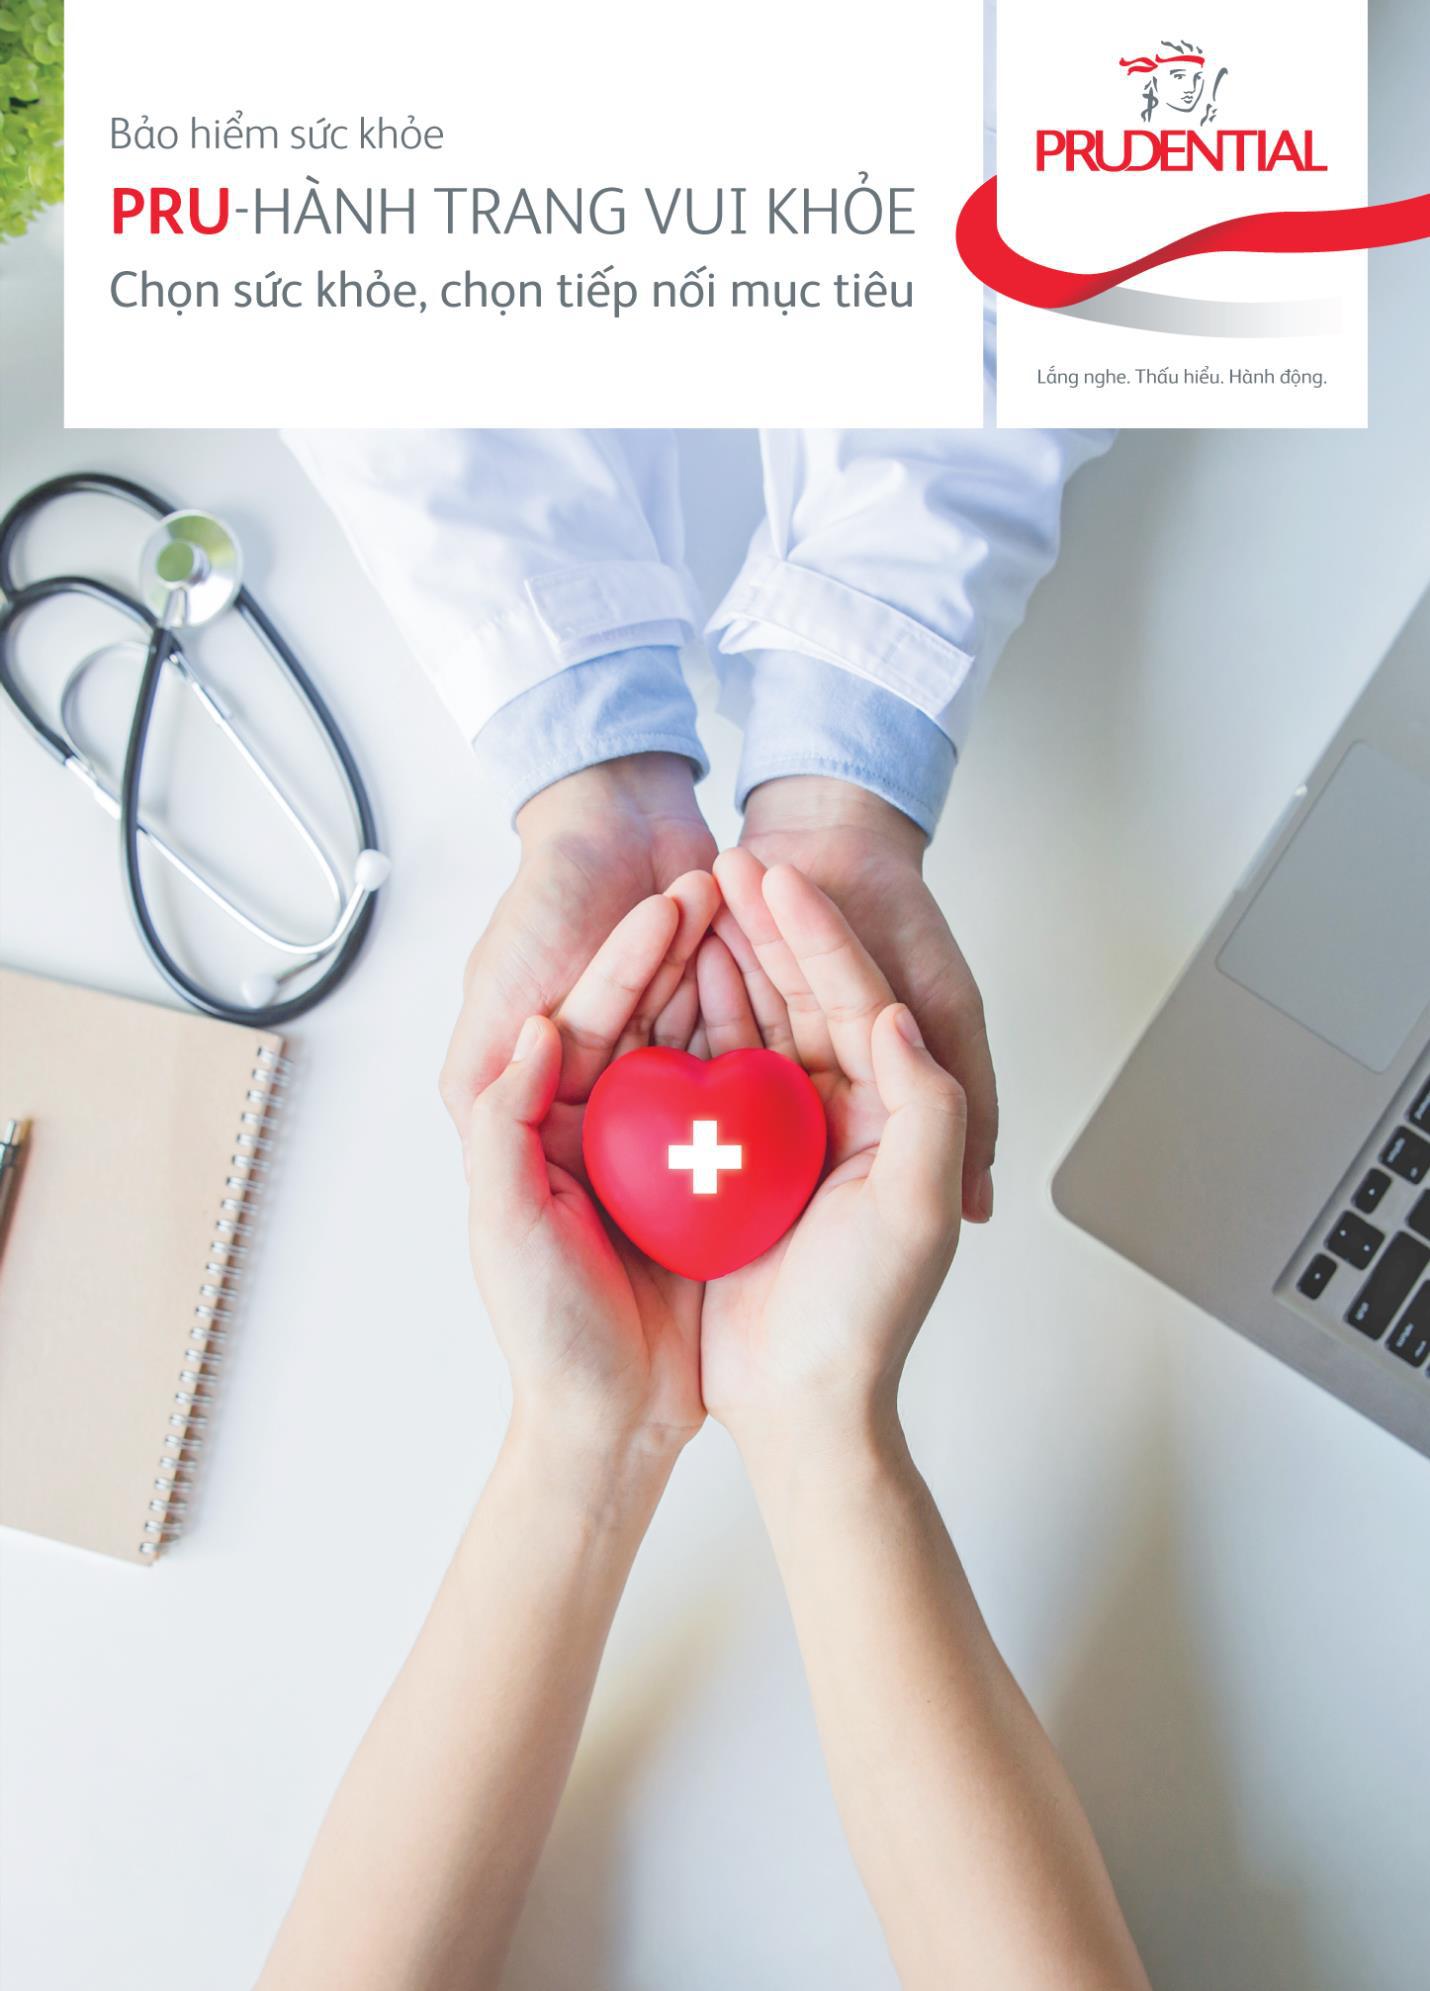 Prudential lần đầu giới thiệu giải pháp bảo hiểm chăm sóc sức khỏe ưu việt - Ảnh 2.